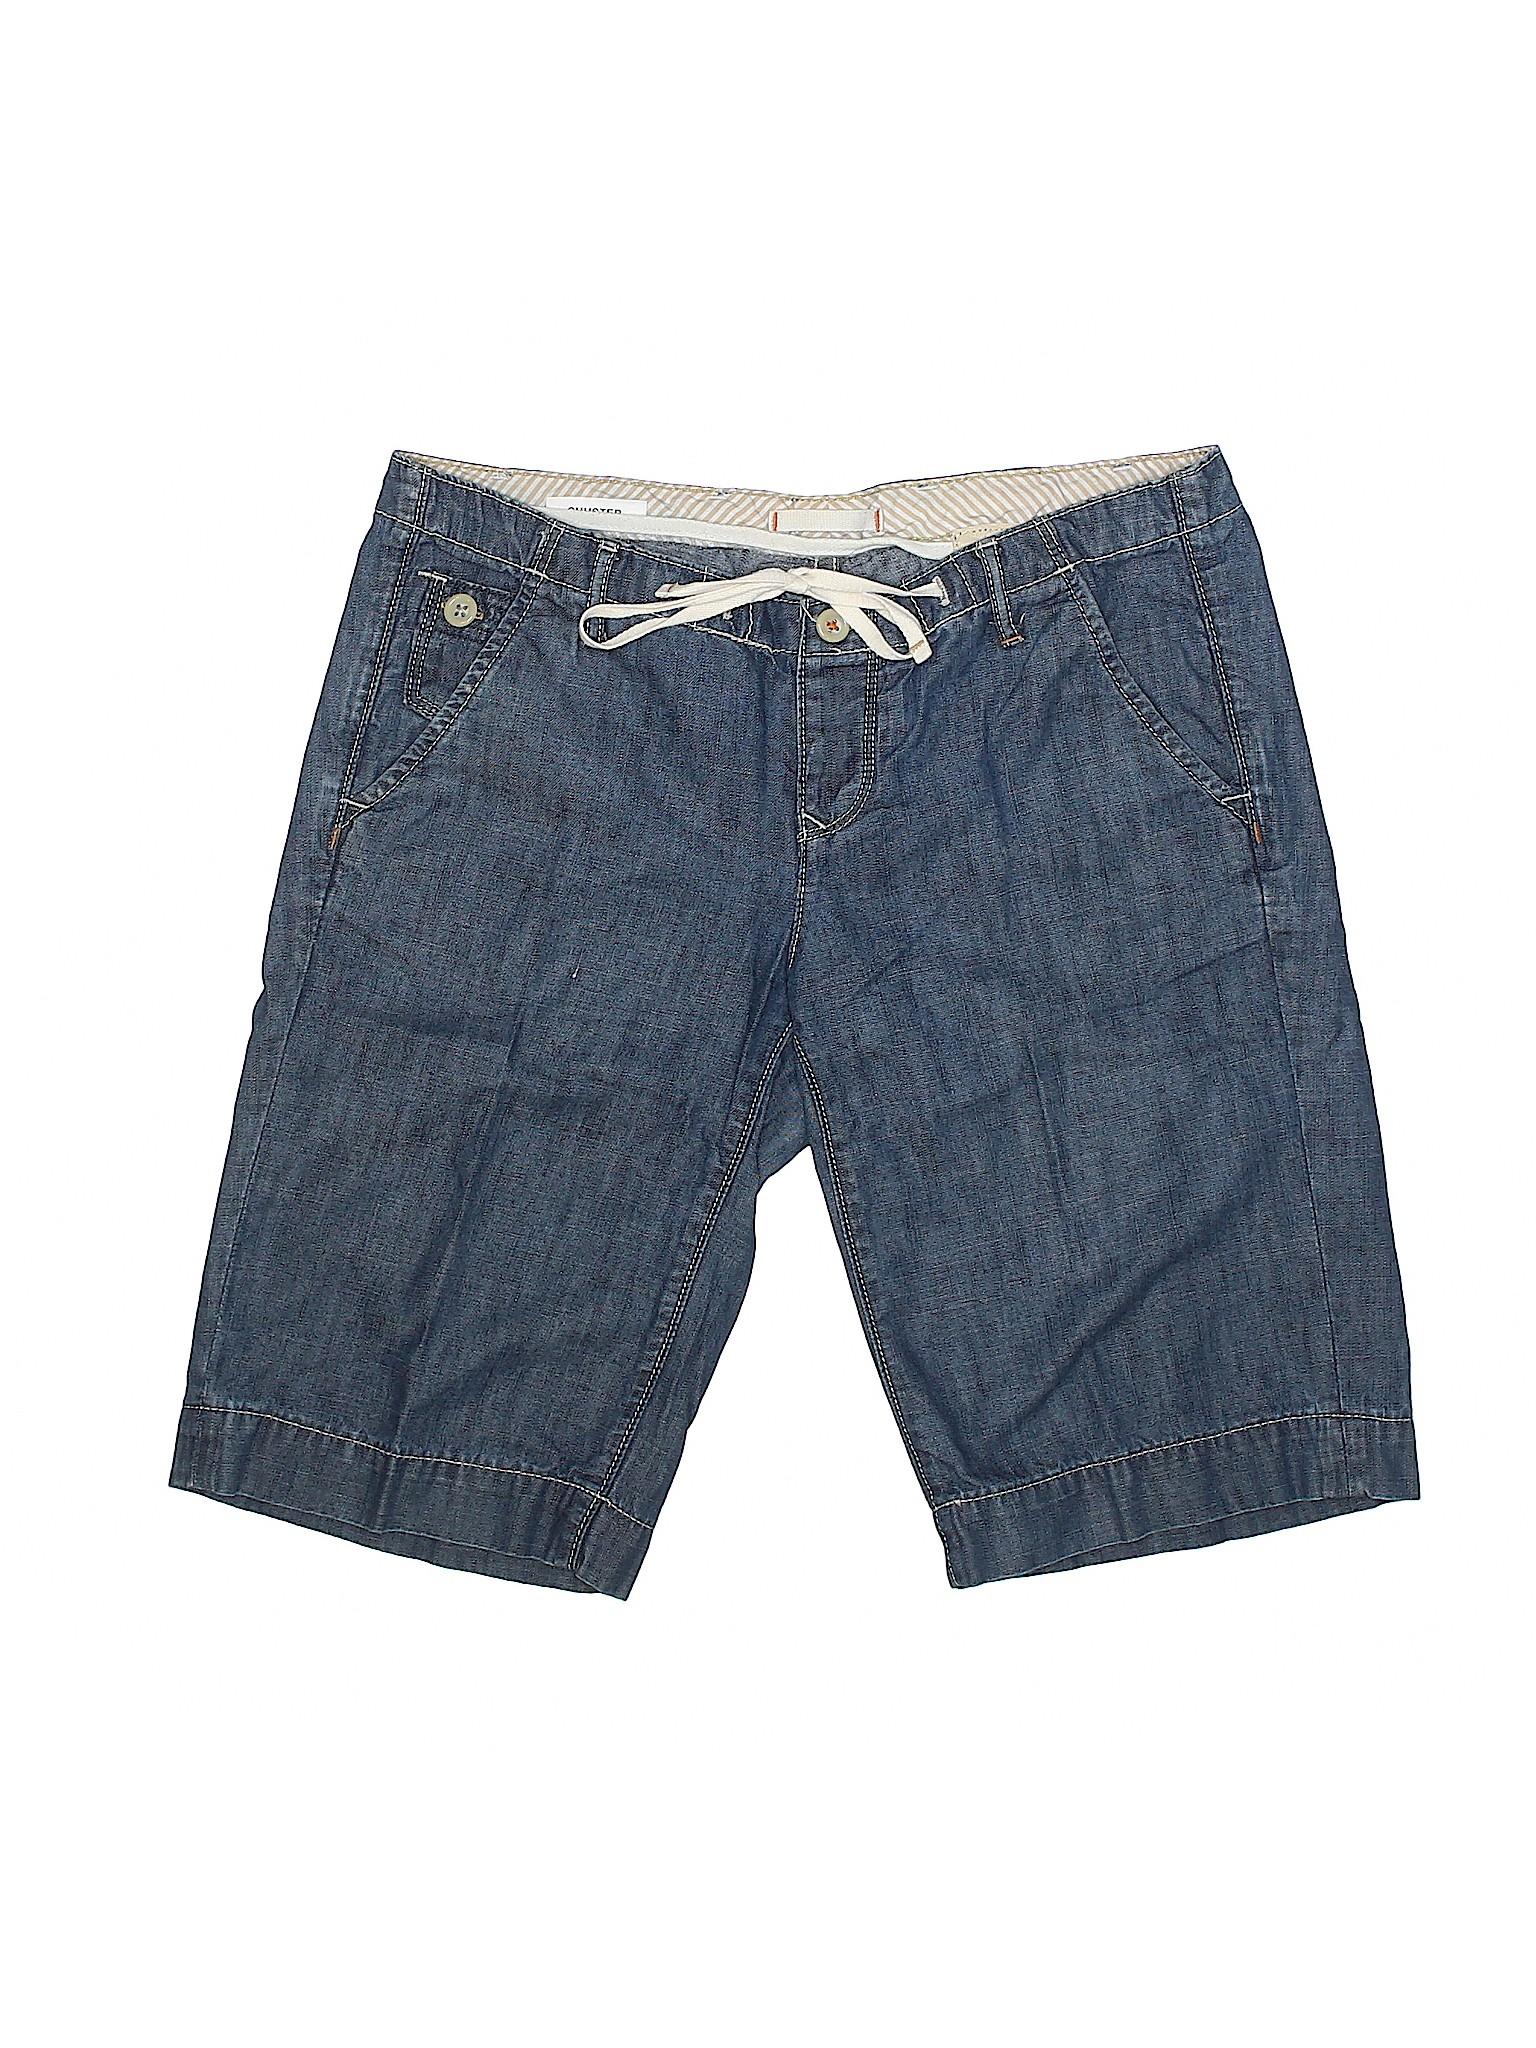 Shorts Boutique Denim Gap Boutique Gap Boutique Shorts Denim Denim Shorts Gap AqEAtw5